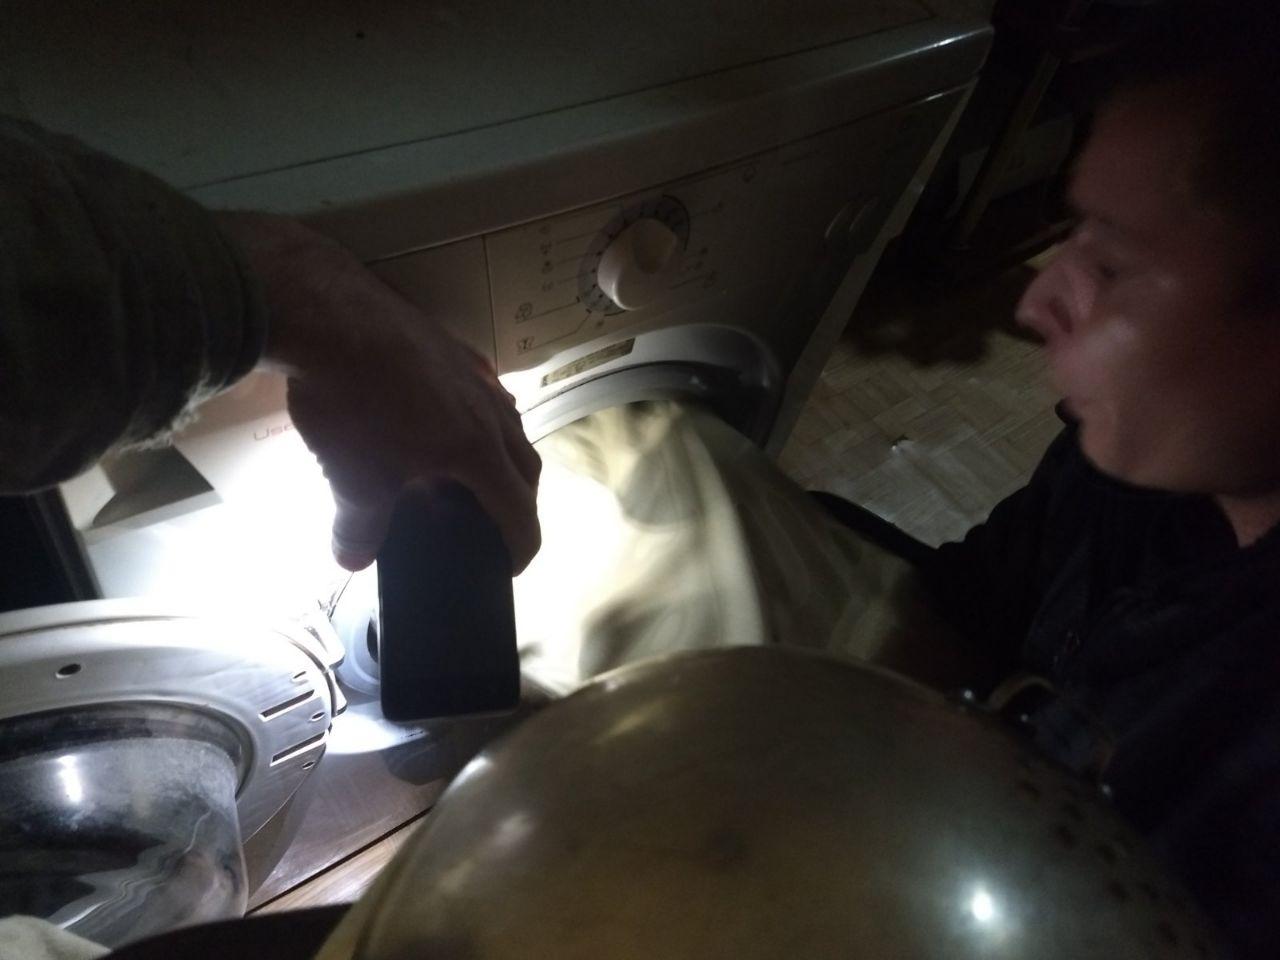 На Харьковщине маленький мальчик застрял в стиральной машине (фото)